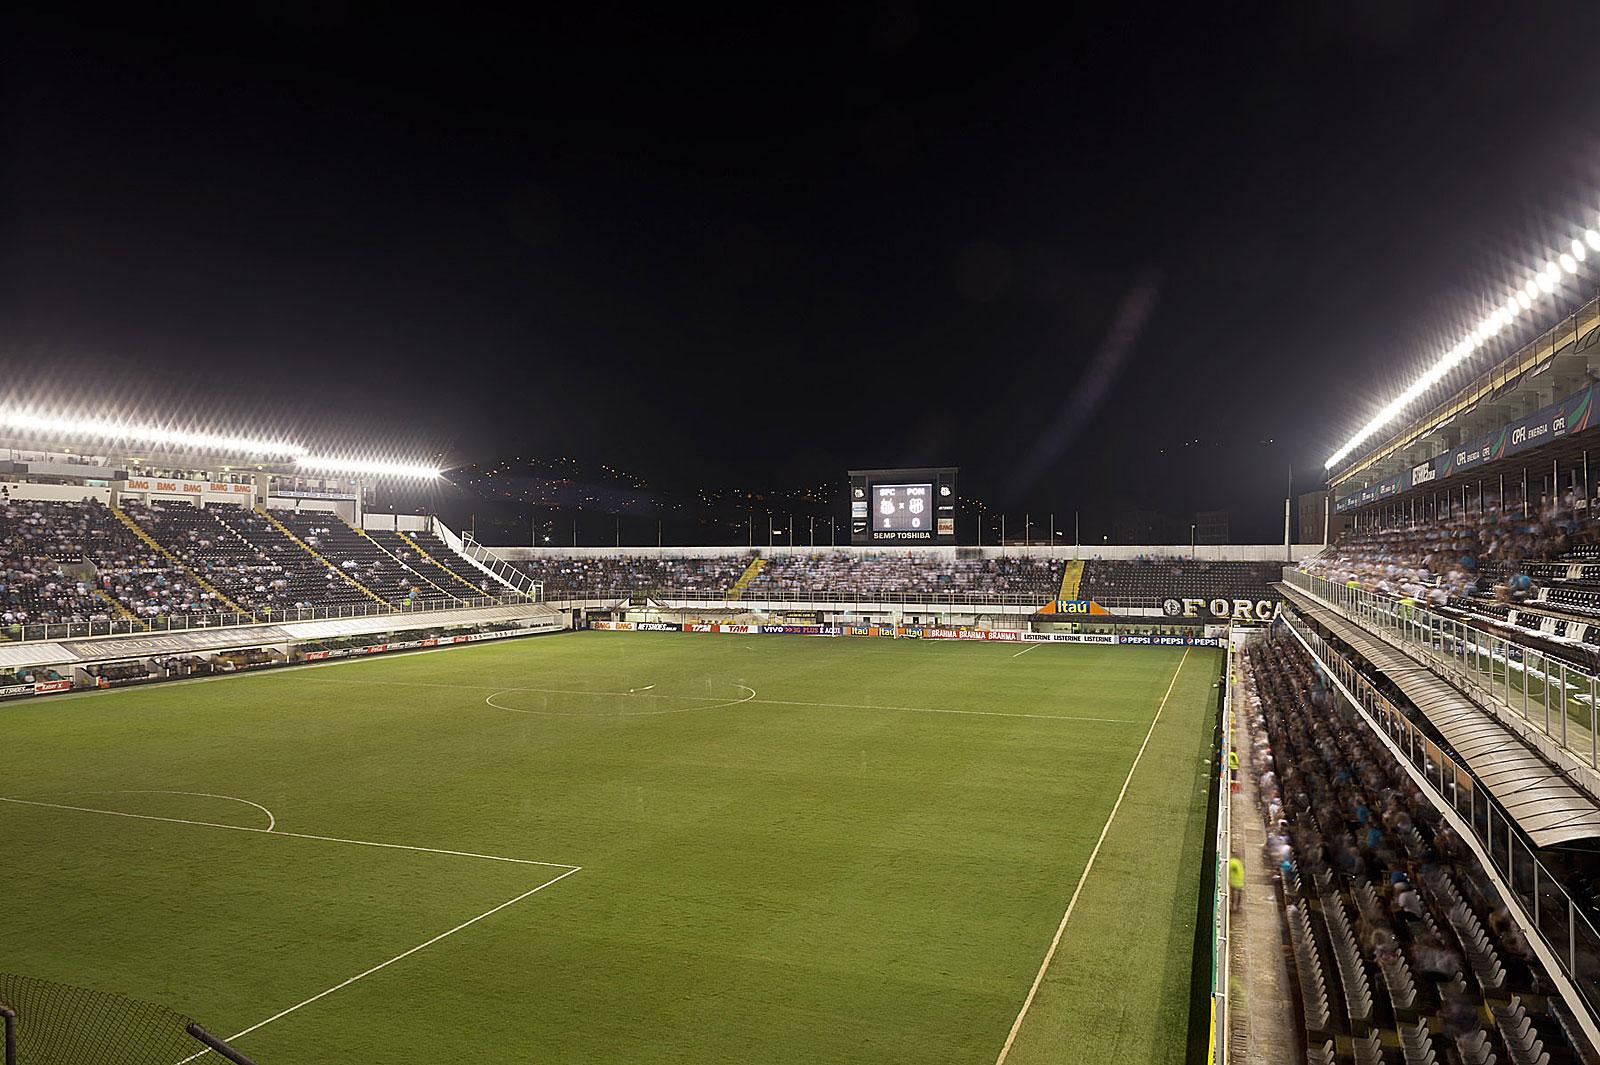 Santos FC - AA Ponte Preta, Estádio Urbano Caldeira, Santos (18.30 - 20.23 Uhr, 29.7.2012)